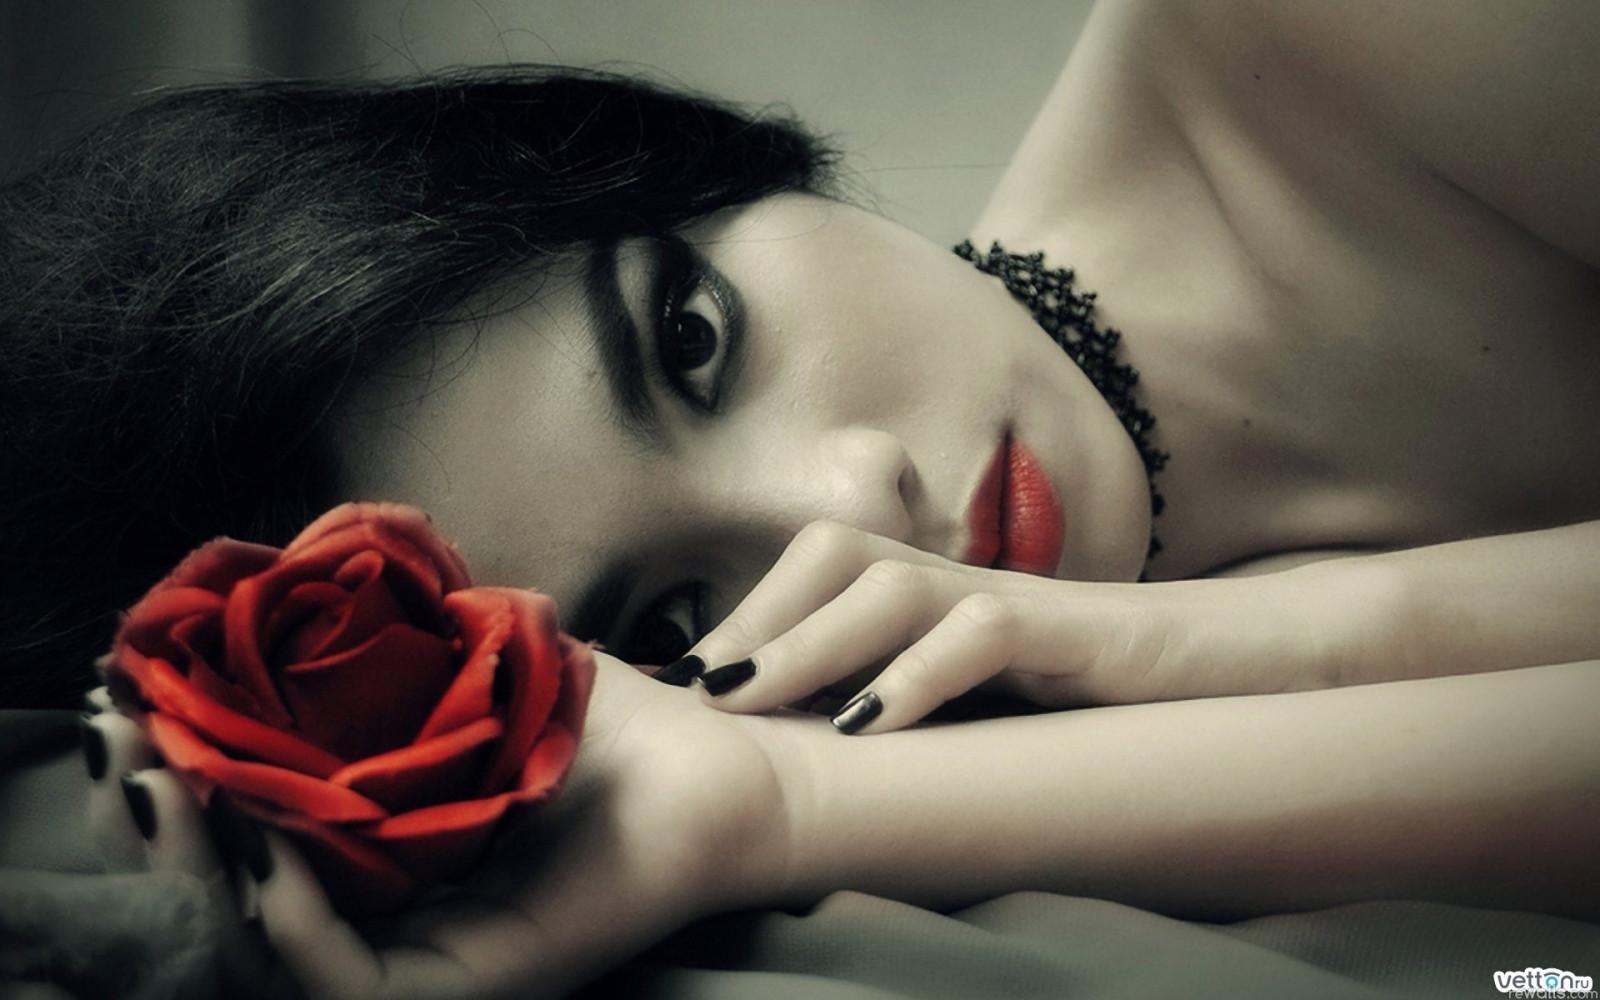 fond d u0026 39  u00e9cran   visage  noir  femmes  maquette  fond simple  fleurs  amour  ongles peints  la